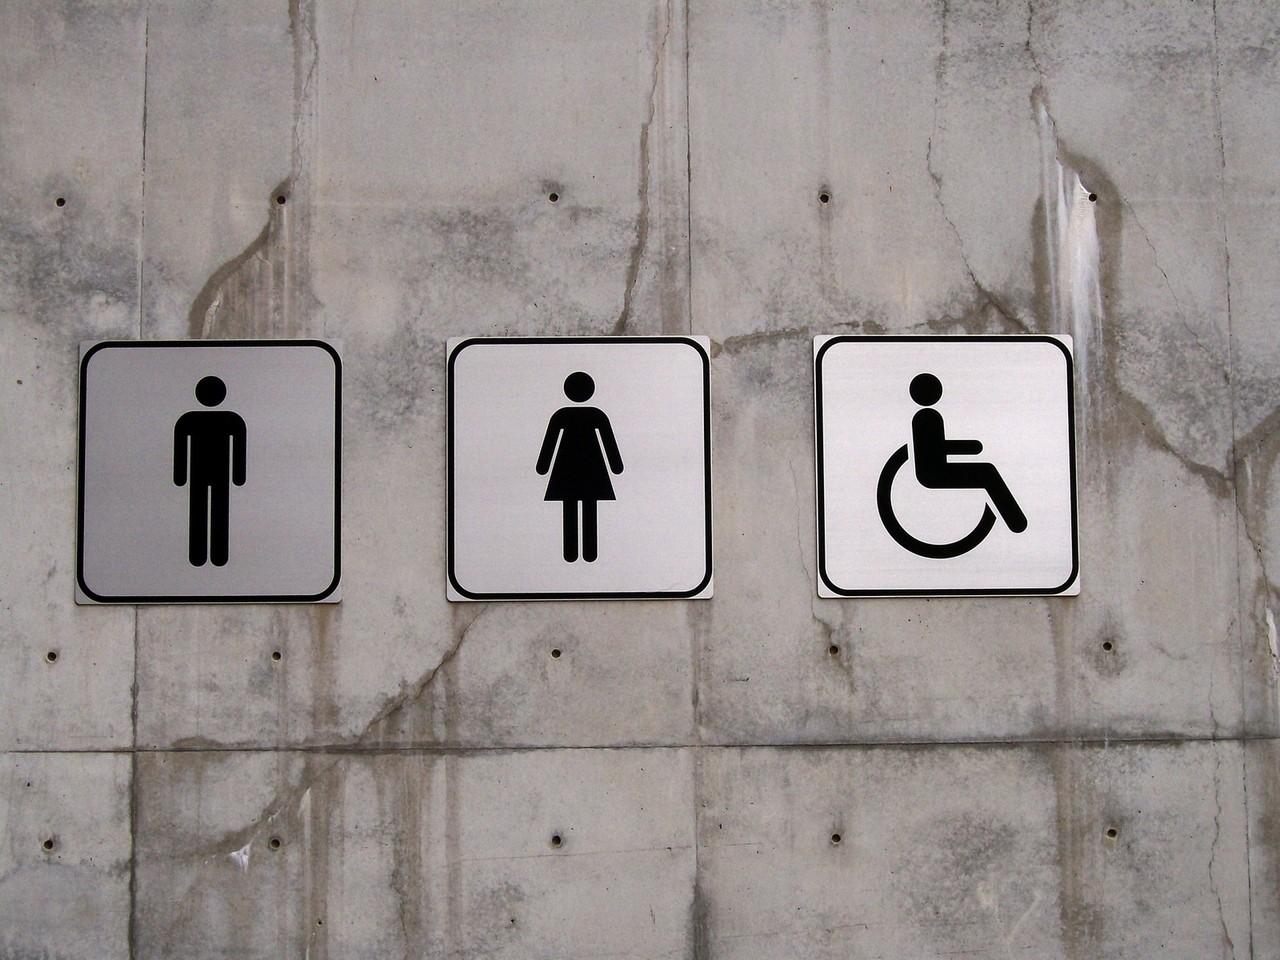 Nowe przepisy sanitarne 2021